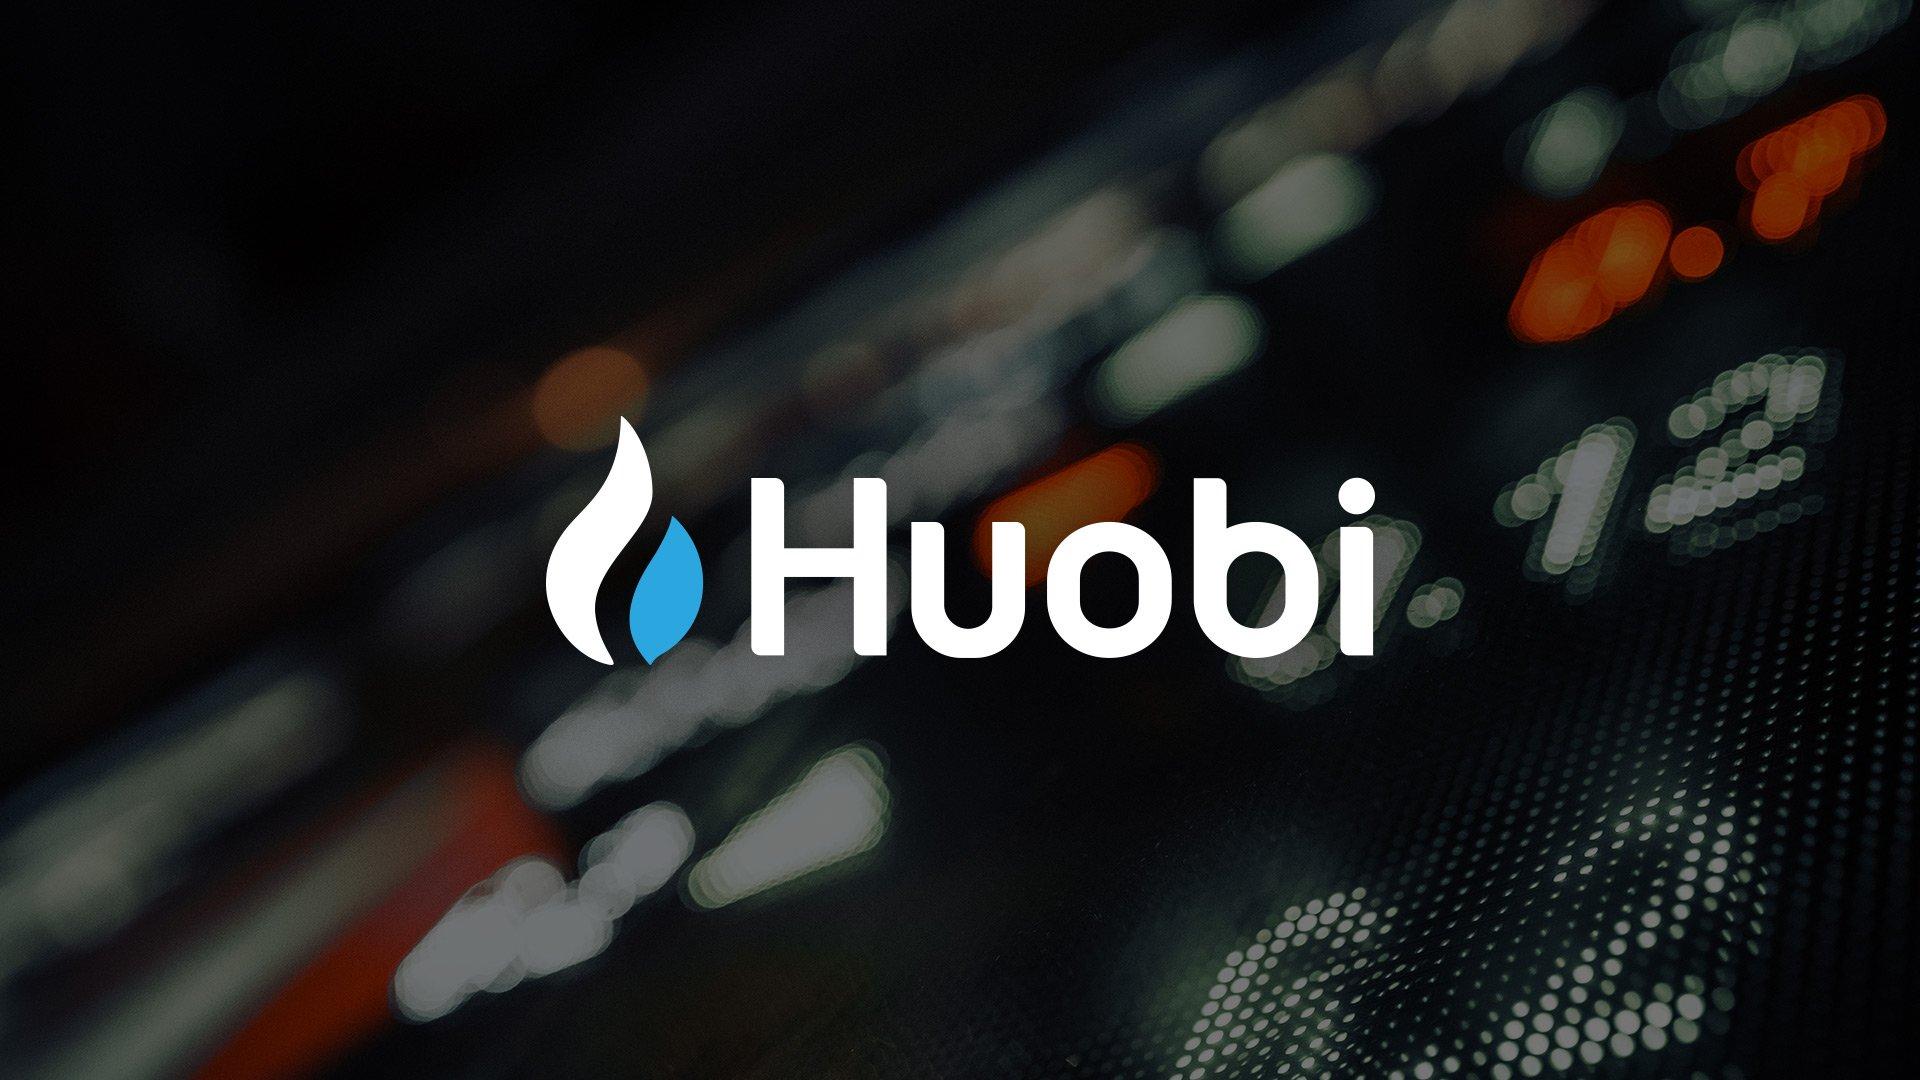 """منصة """"Huobi"""" أصبحت تدعم تداول الكريبتو مقابل العملات الورقية في أمريكا اللاتينية"""